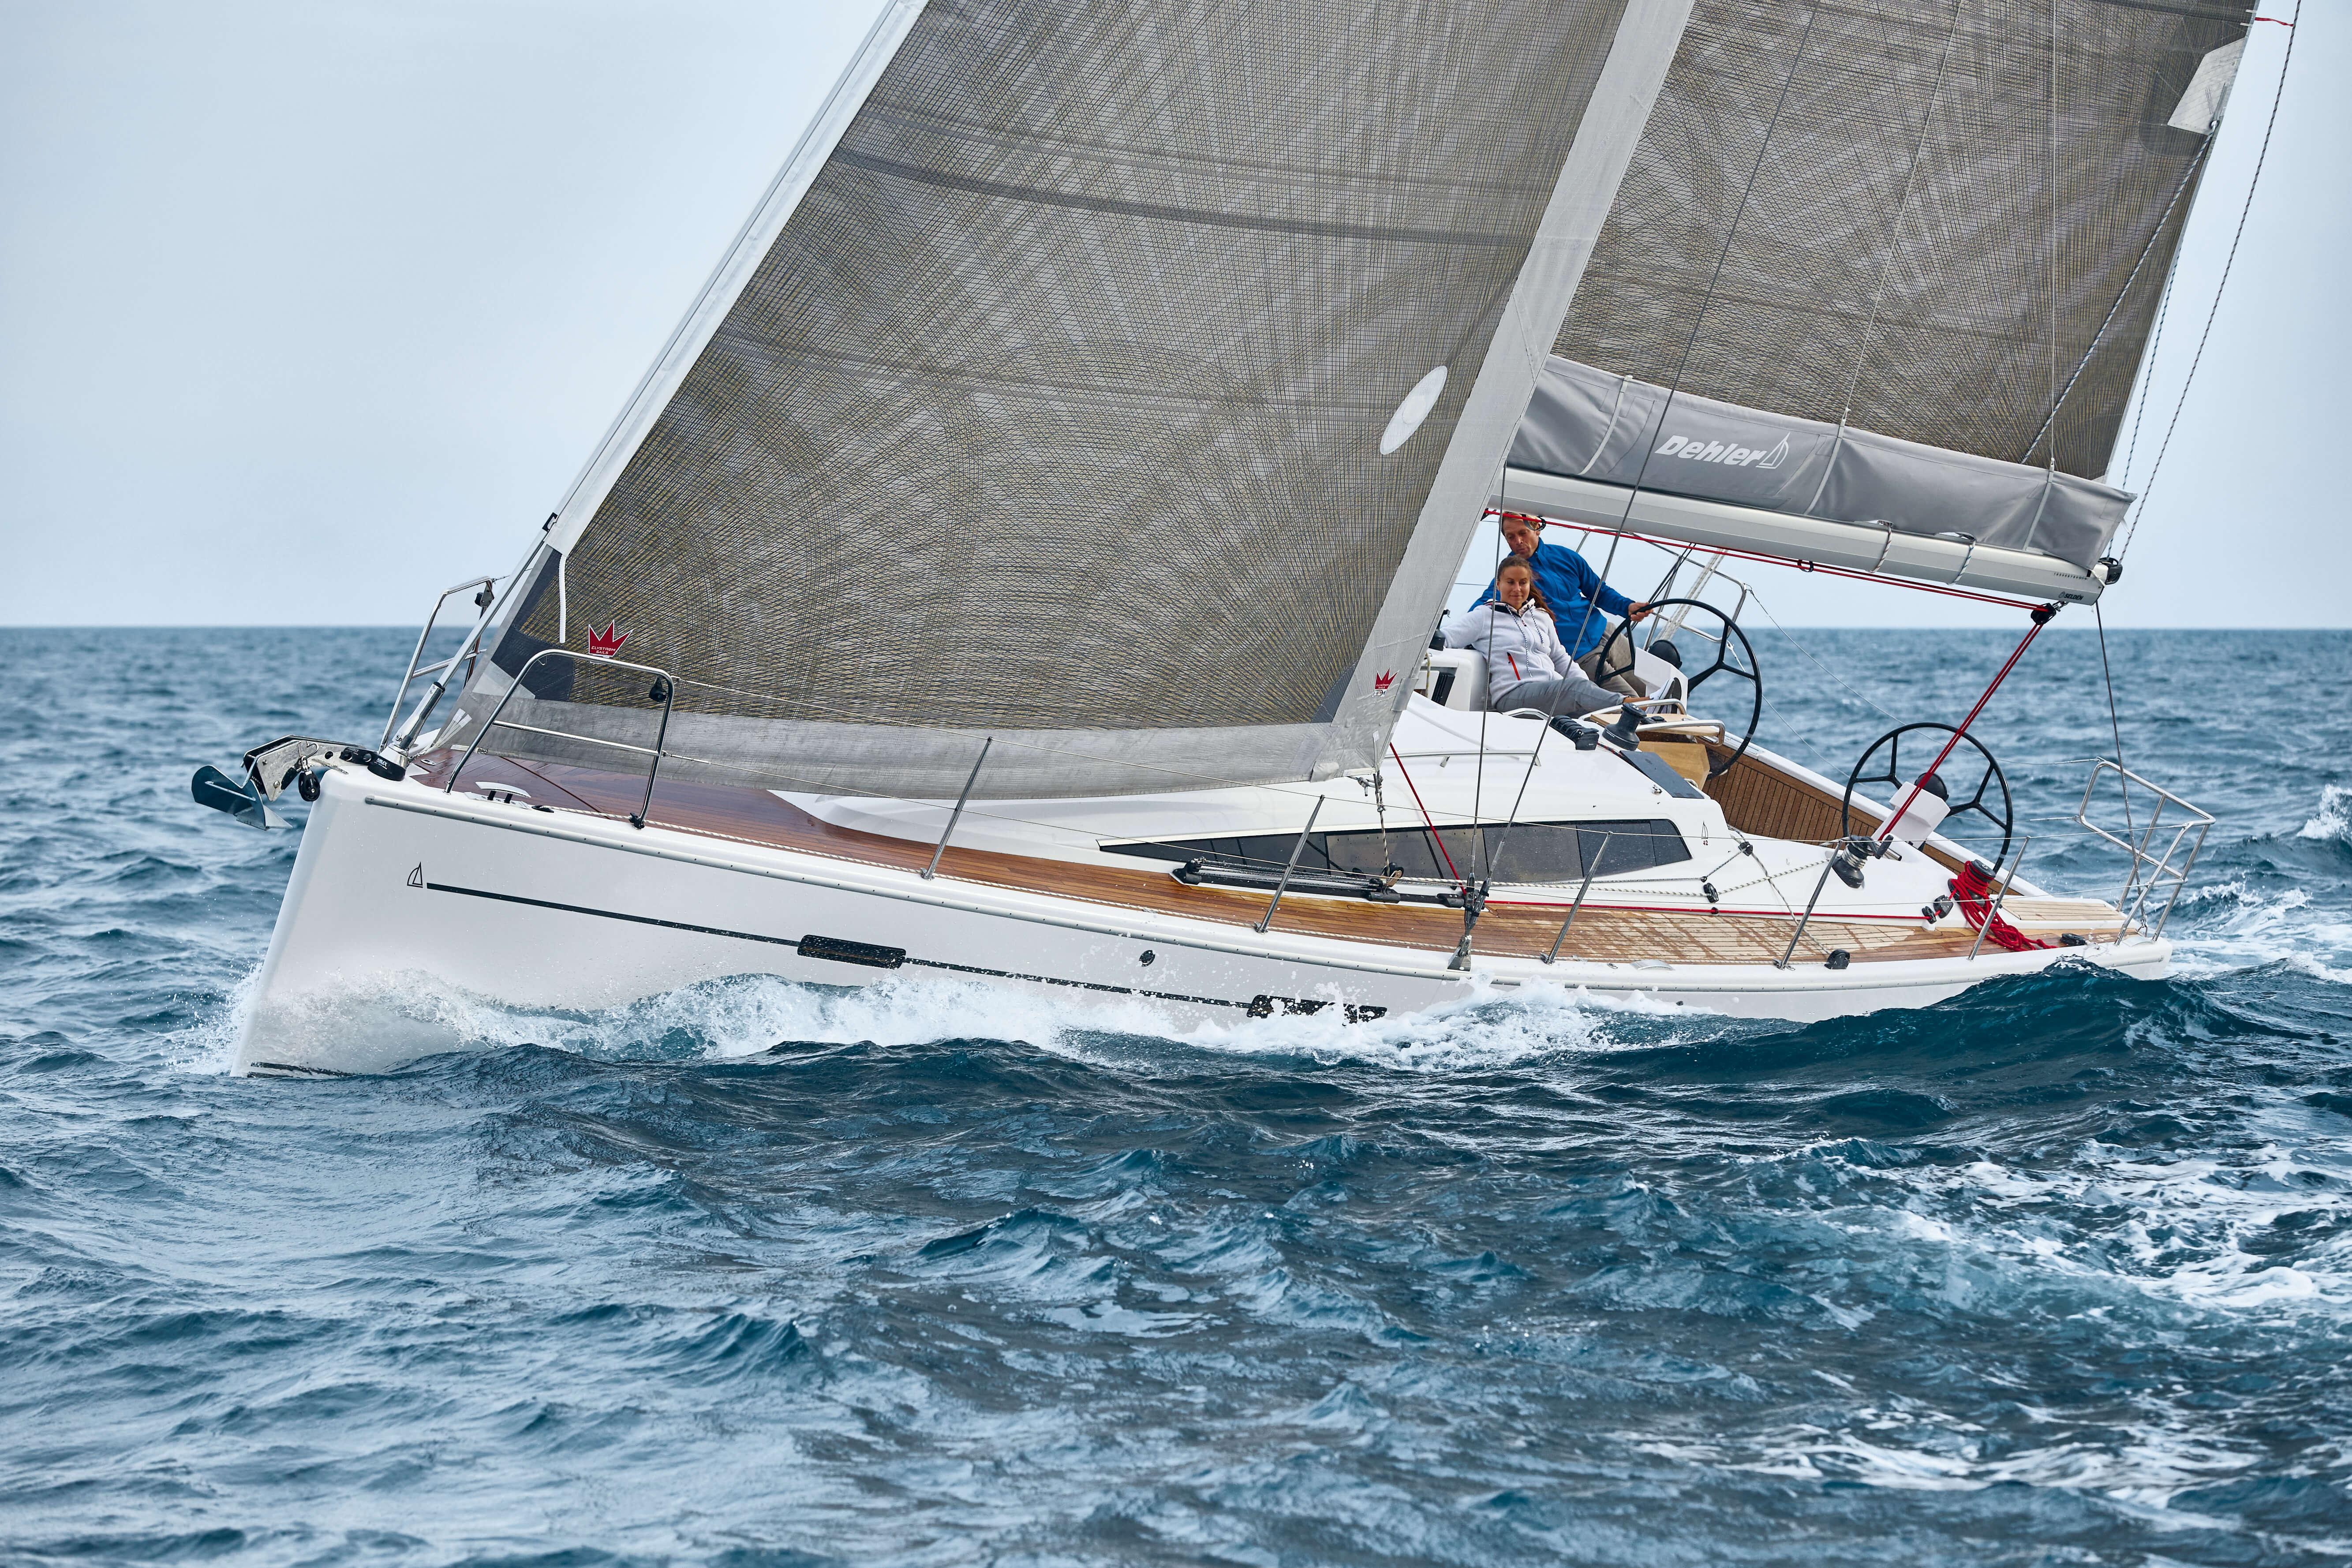 Dehler 42 Exterior Sailing | Dehler 42_Segeln_14_0516_086.jpg | Dehler